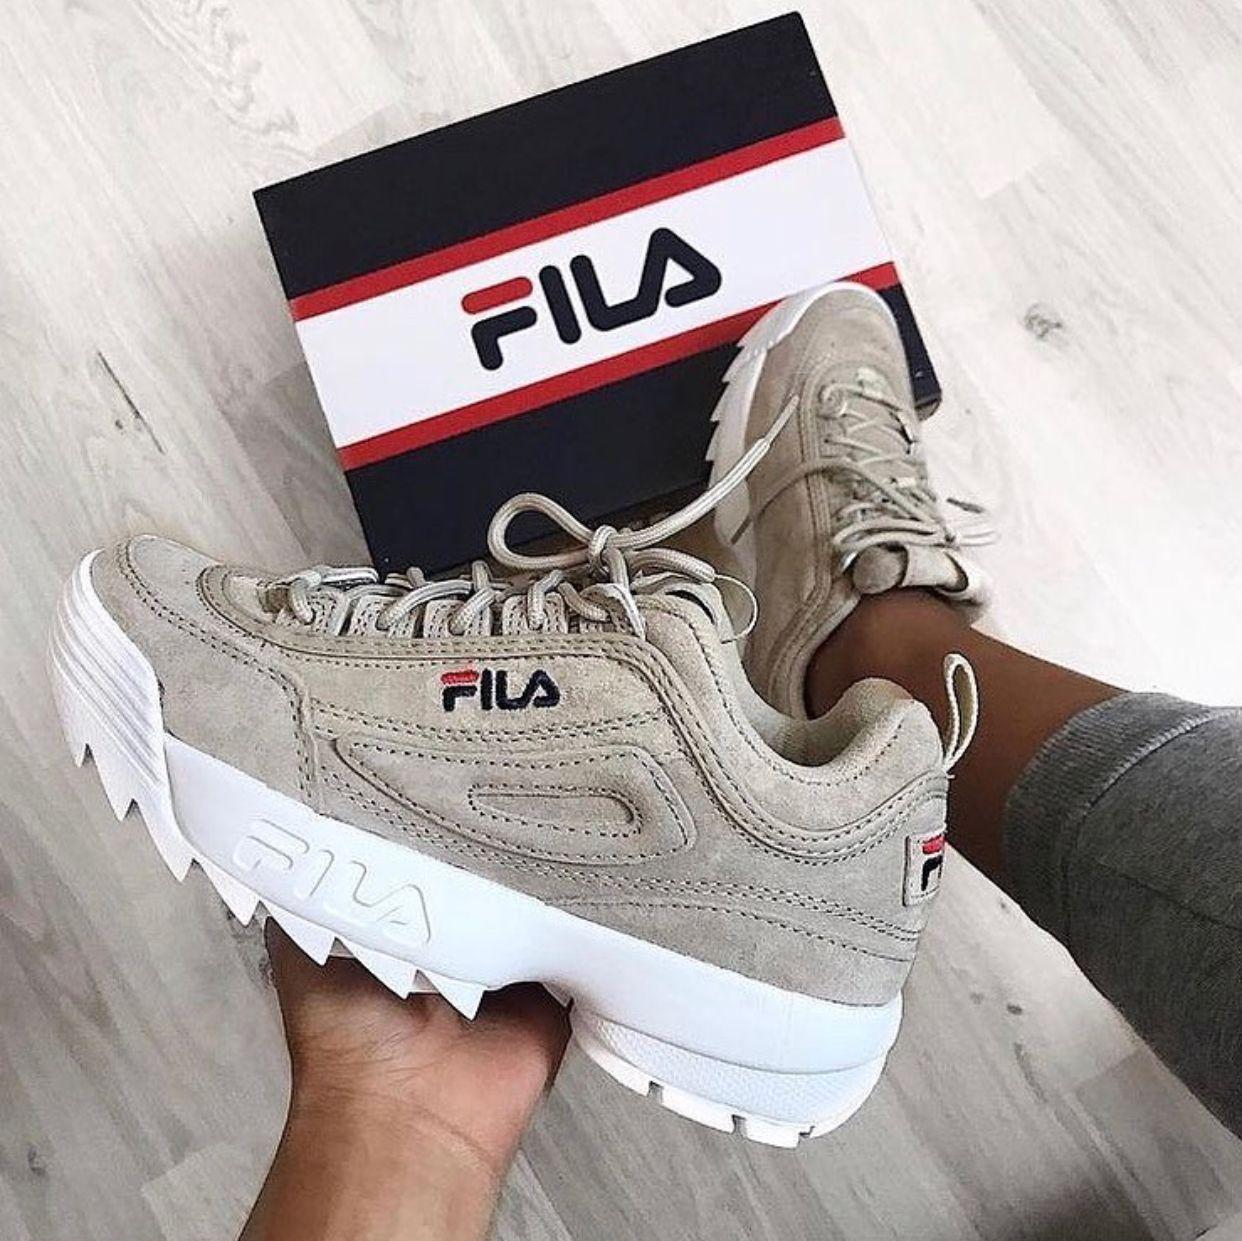 Épinglé par Vale73 sur Fila   Chaussure, Chaussure sneakers